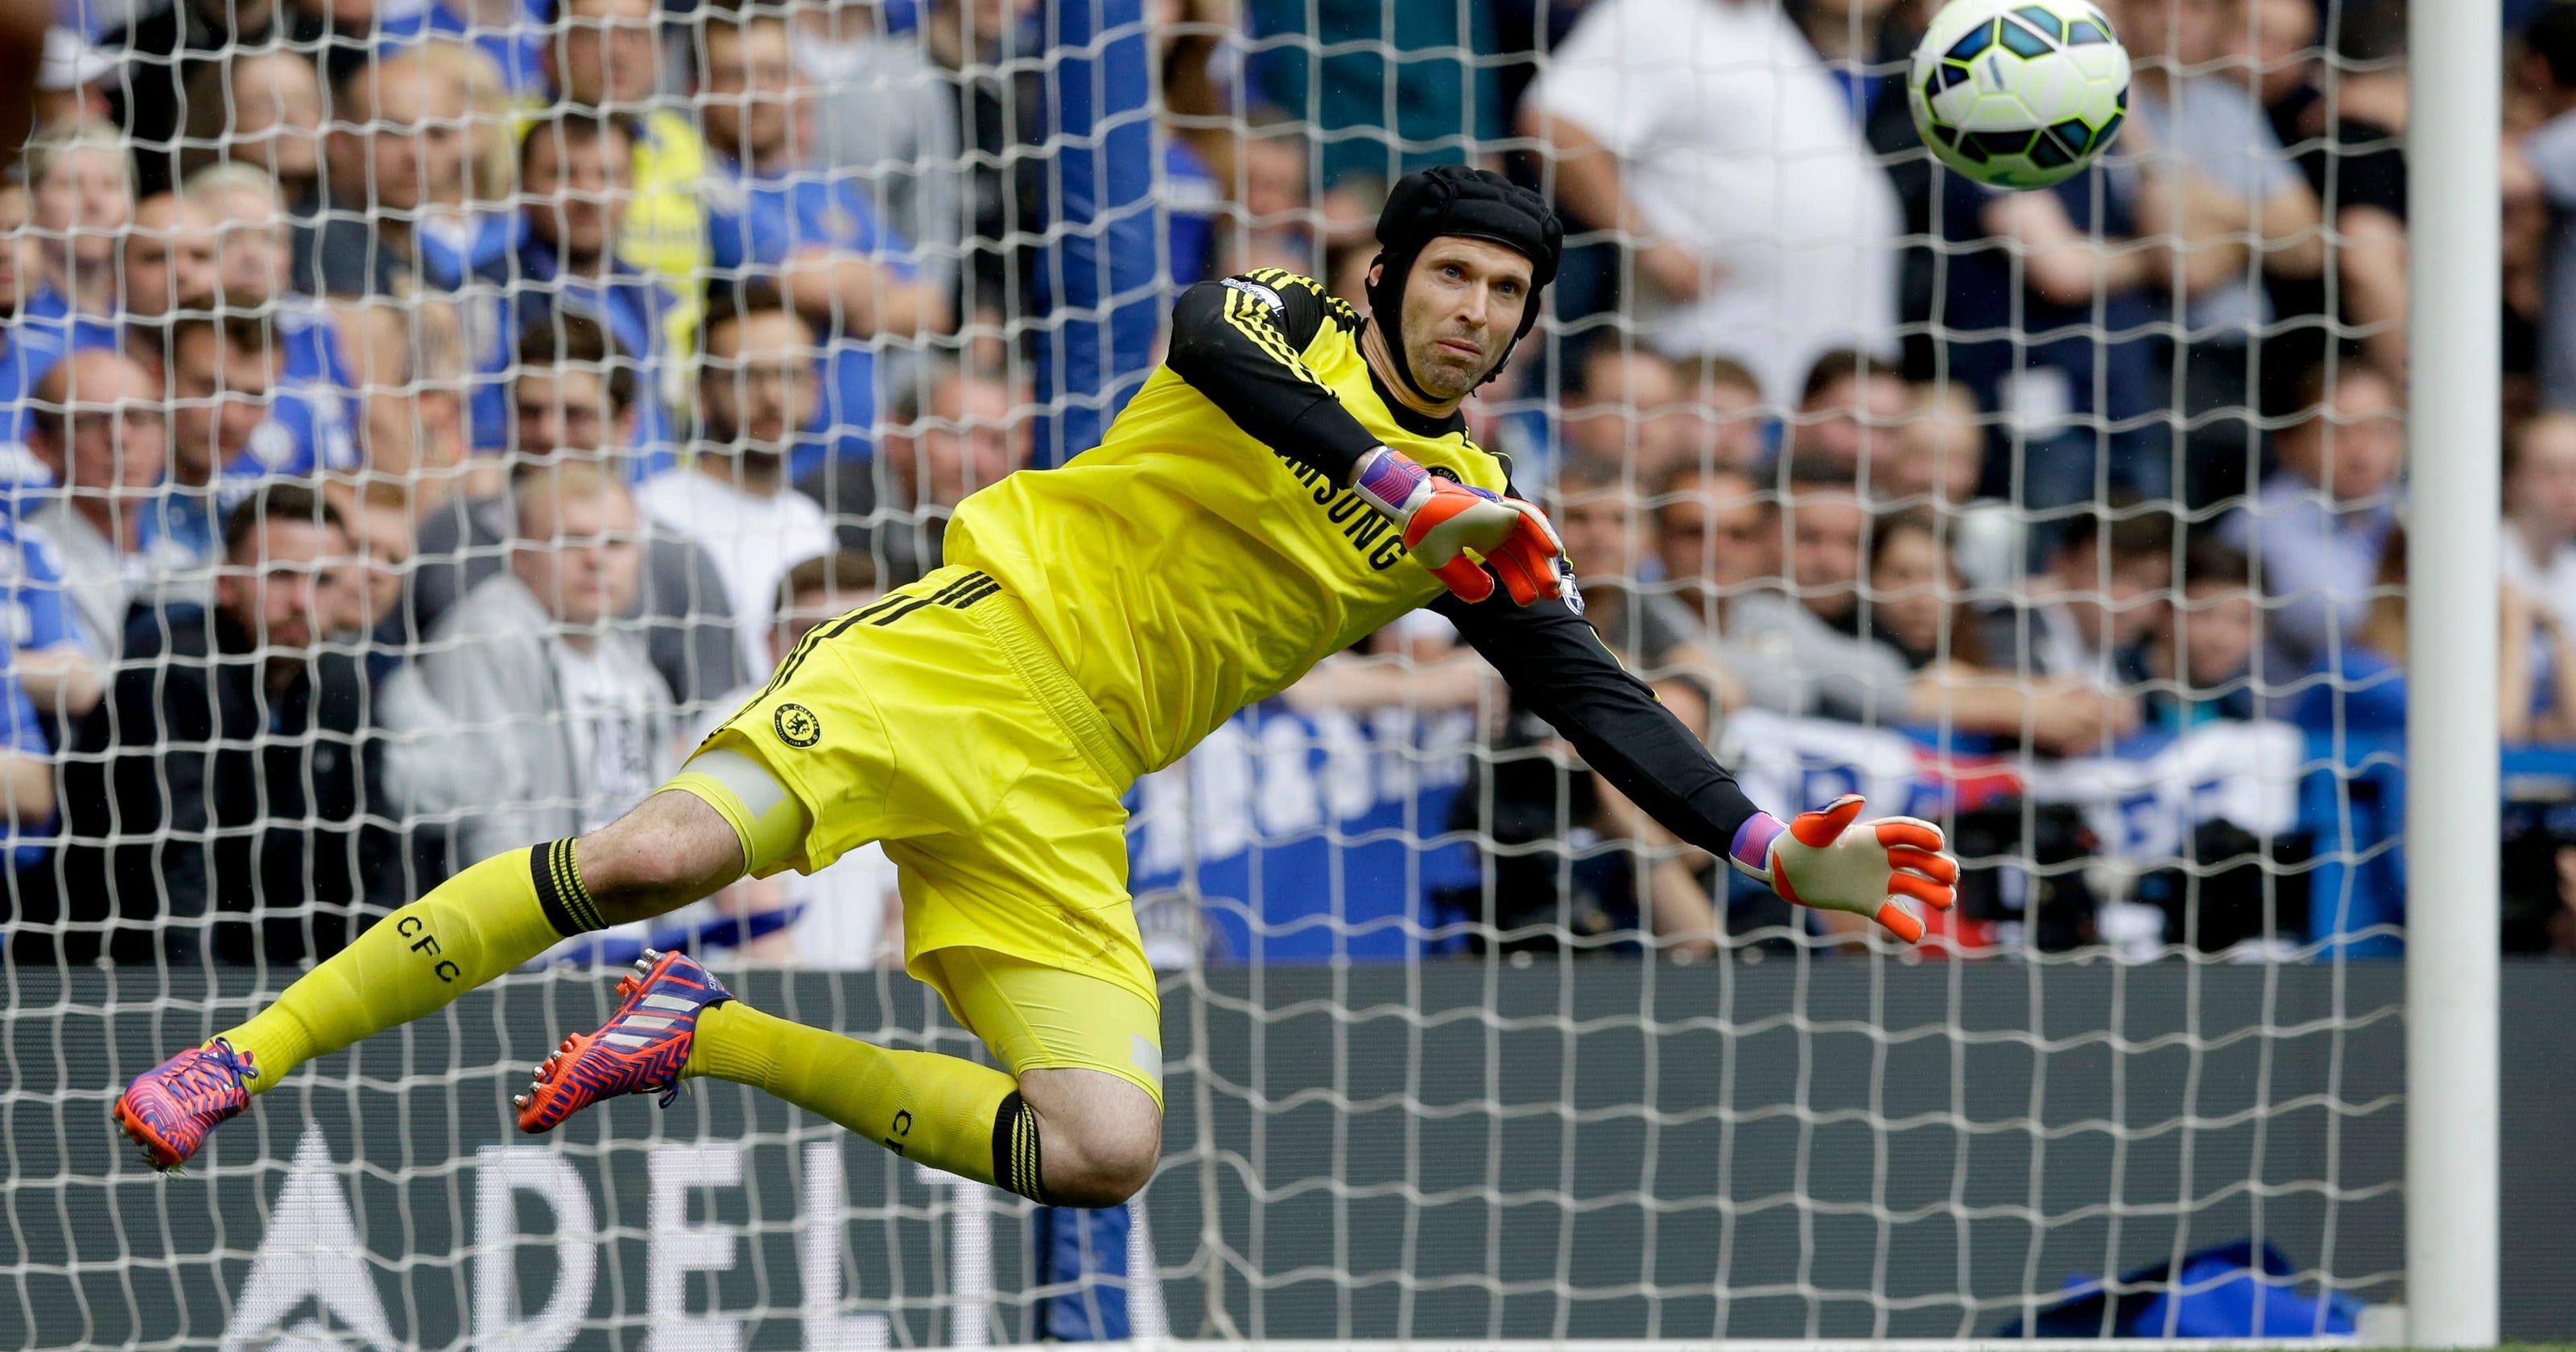 fffa4627d19 Goalkeeper Petr Cech joins Arsenal from Chelsea